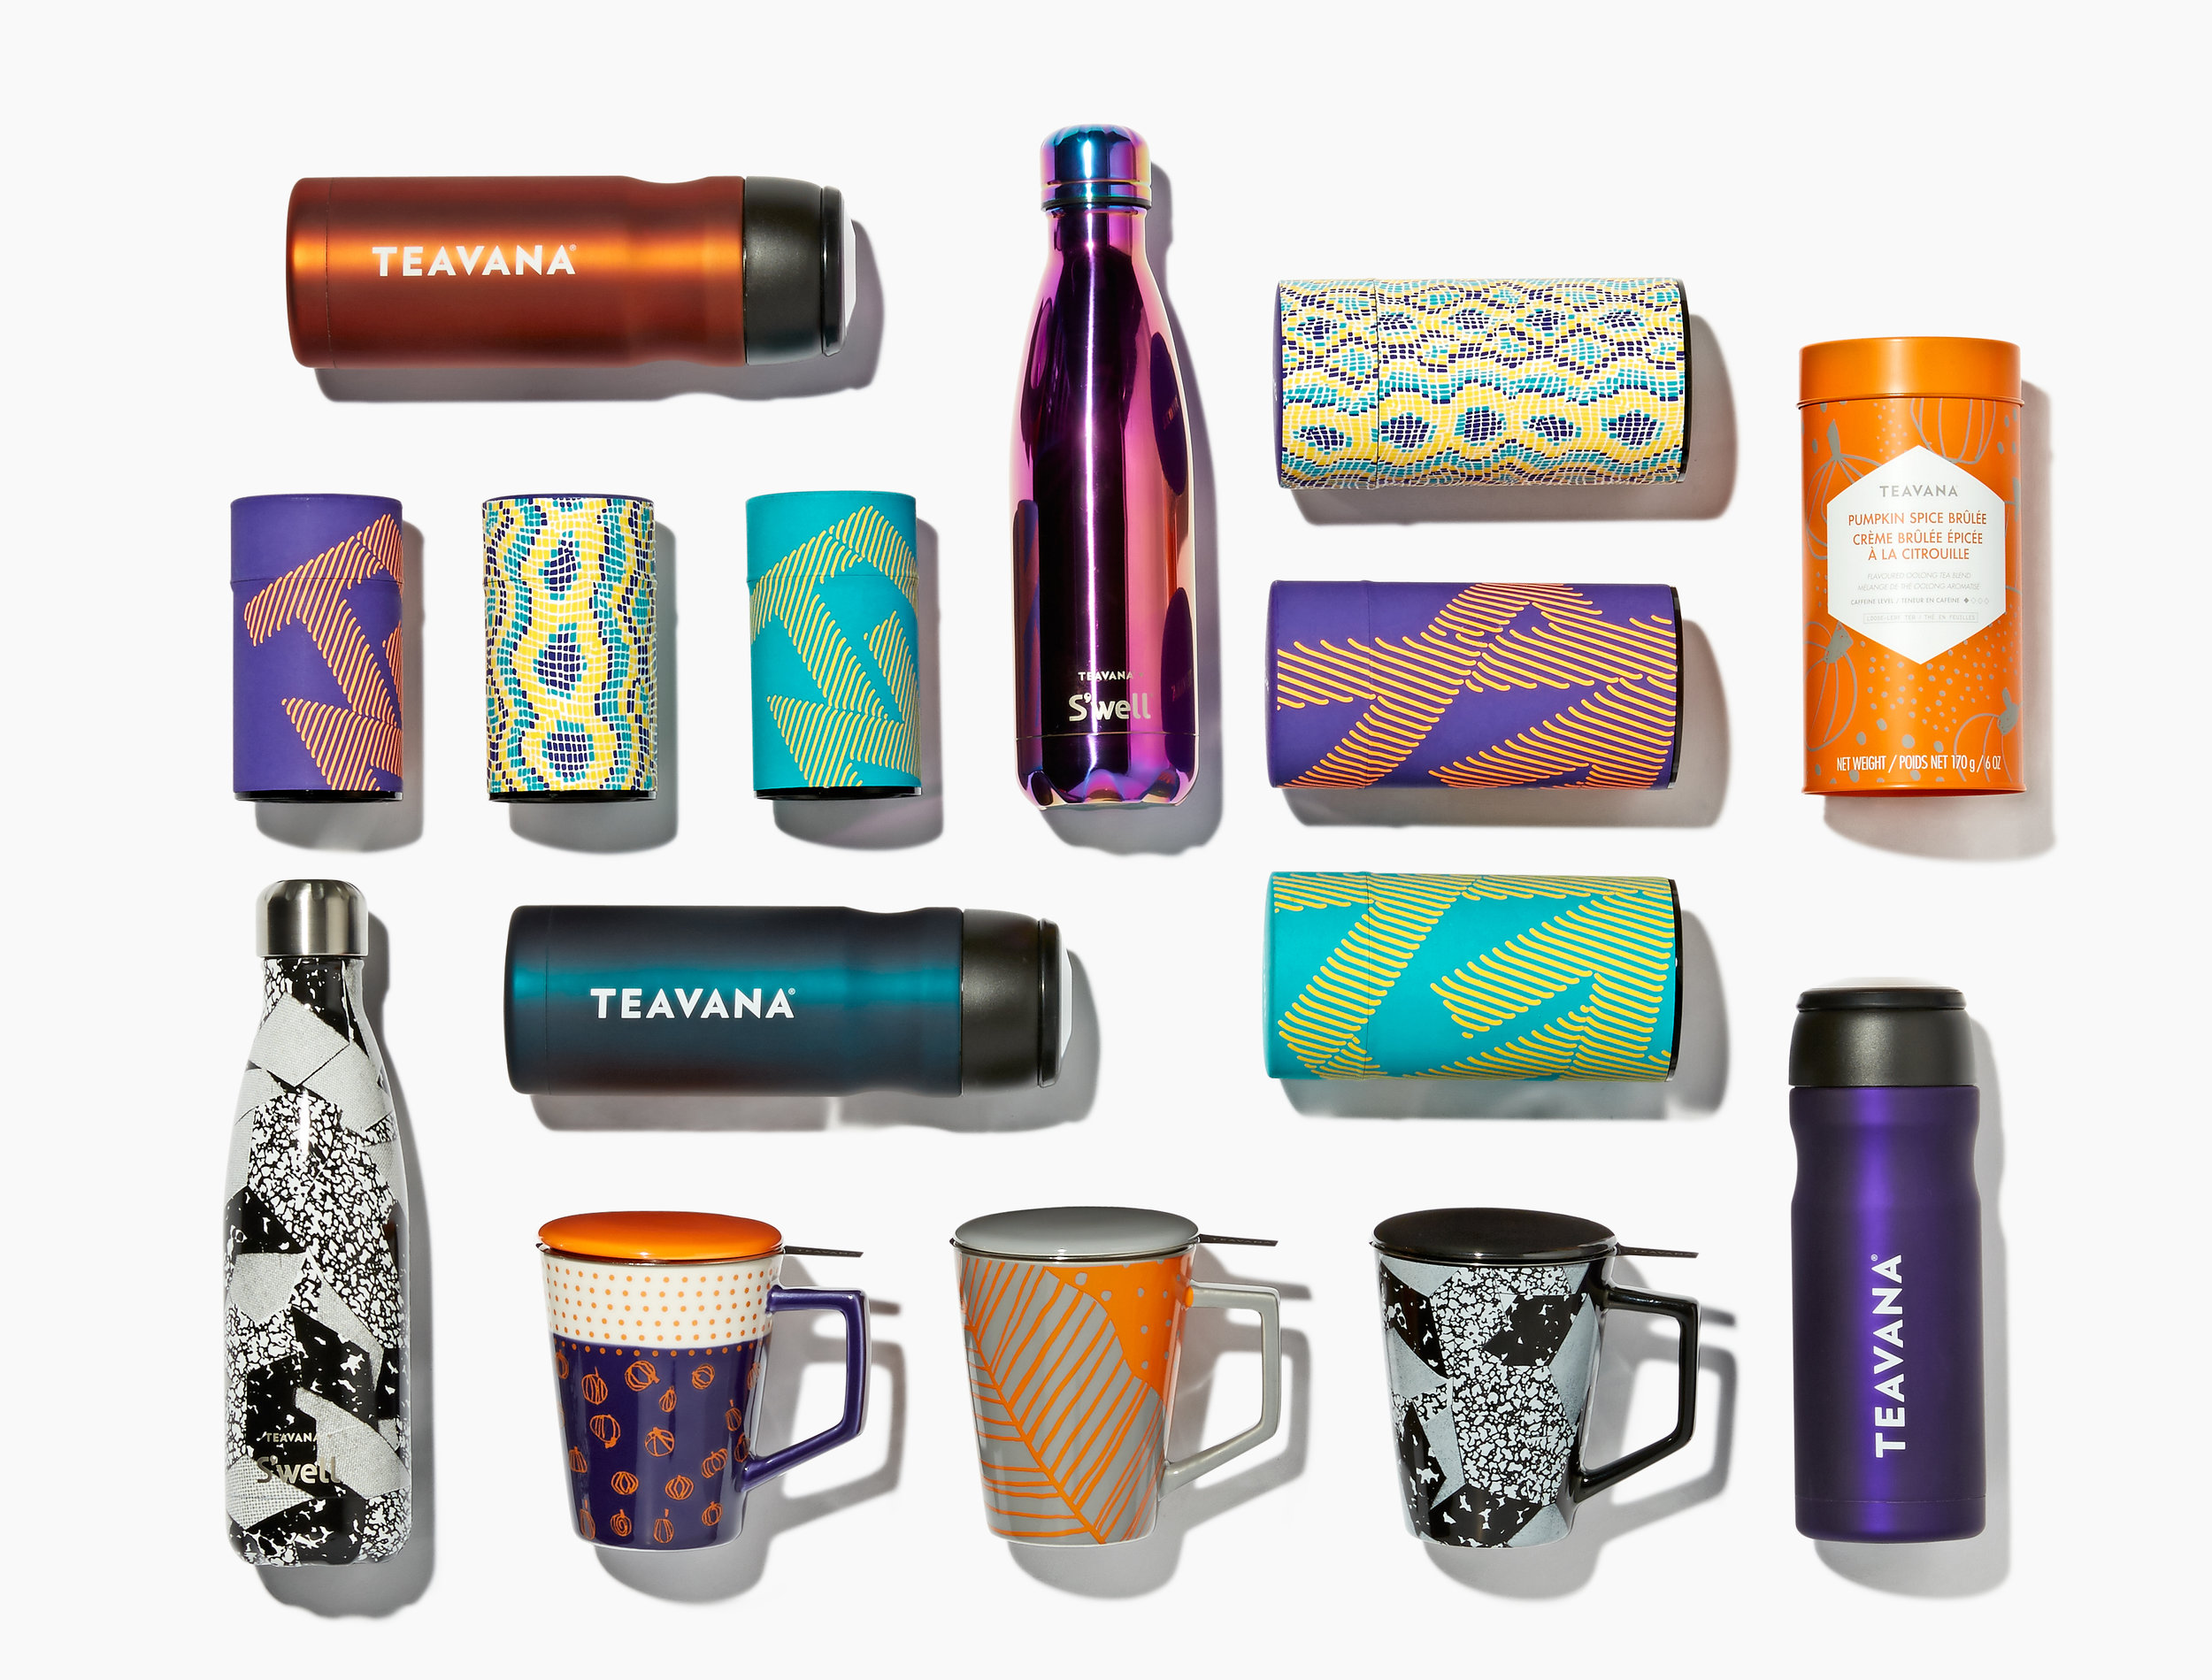 TVNA-Fall16-Merchandise-02.jpg